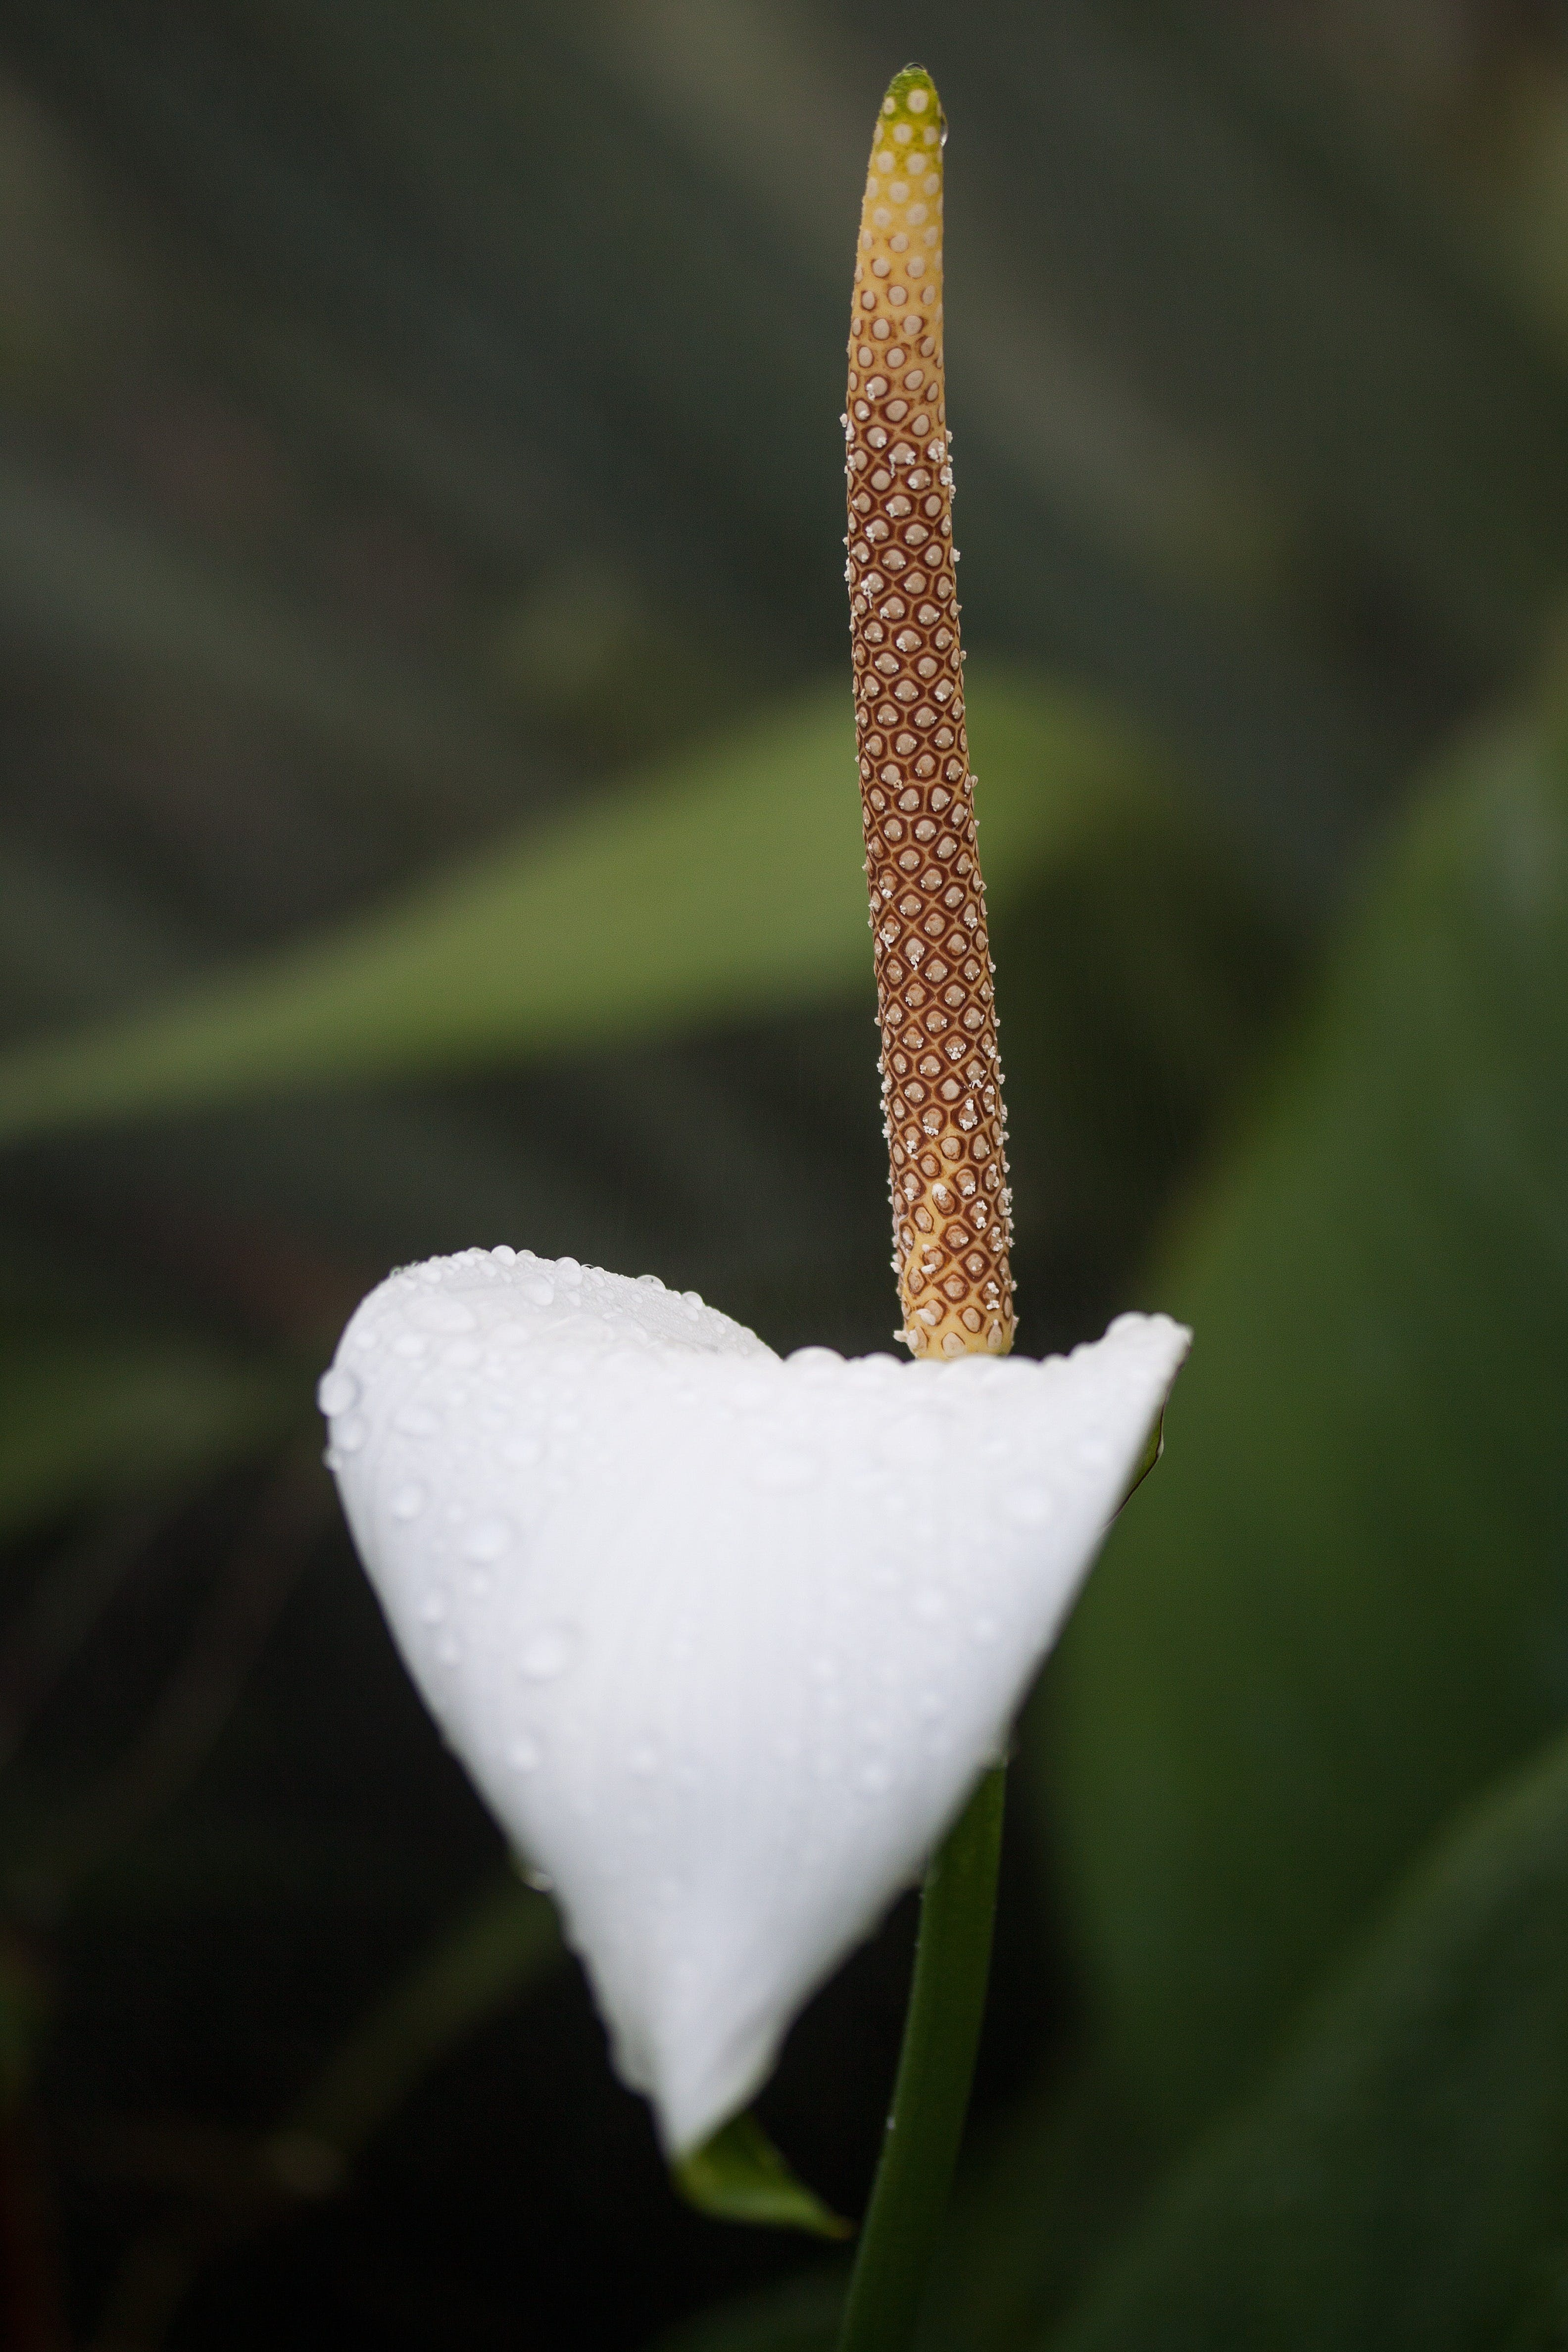 White Petal Flower